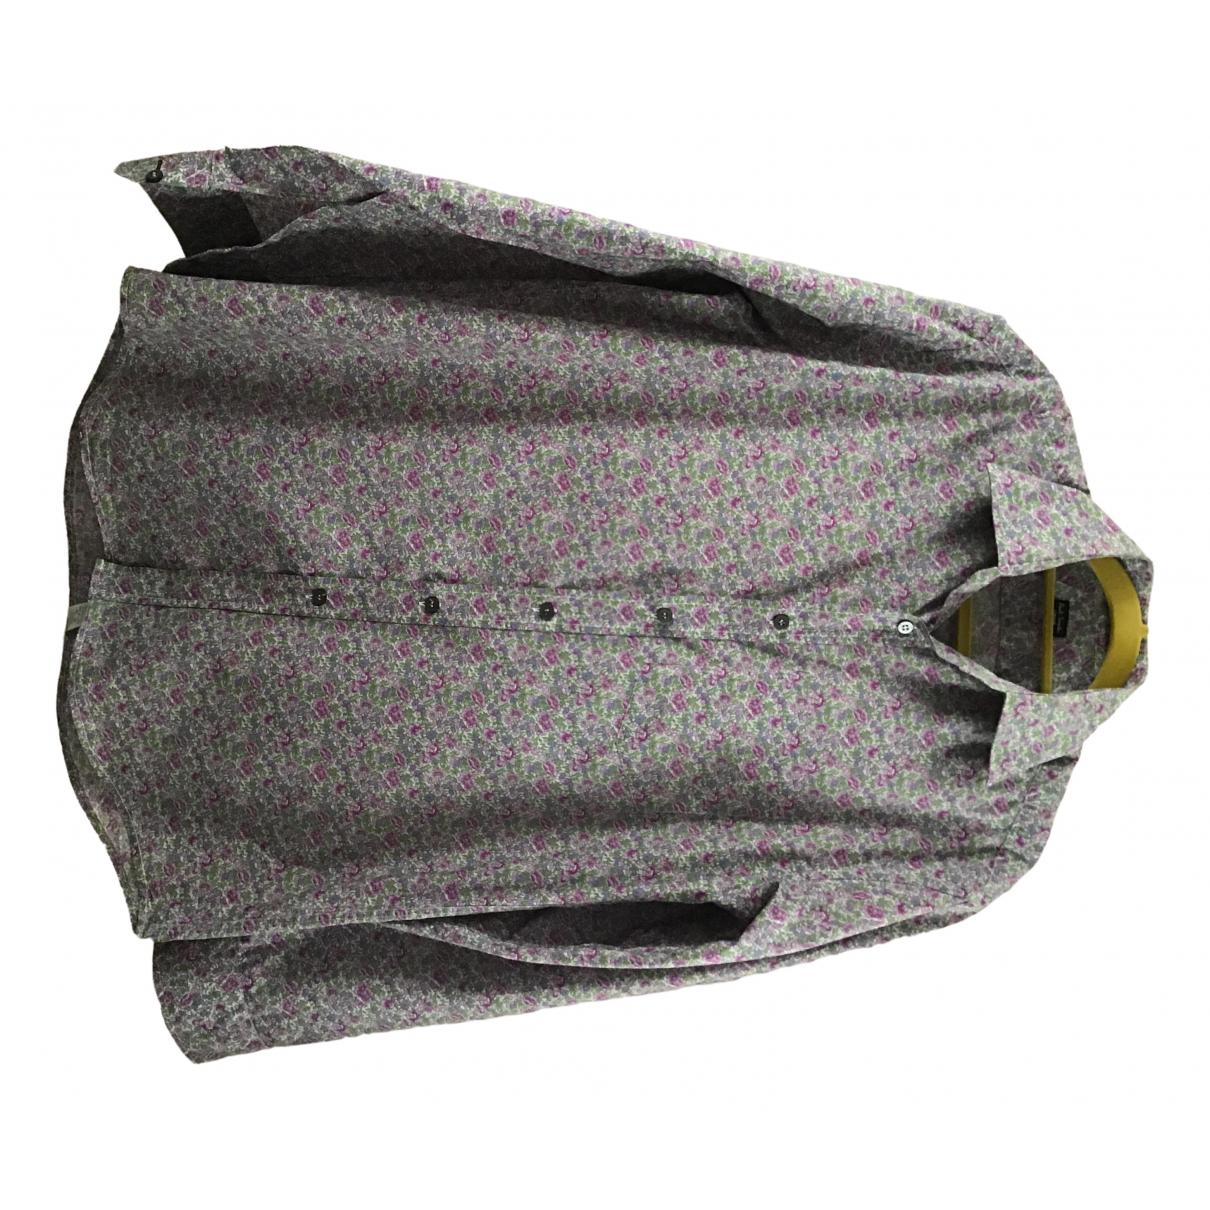 Paul Smith \N Multicolour Cotton Shirts for Men 15 UK - US (tour de cou / collar)